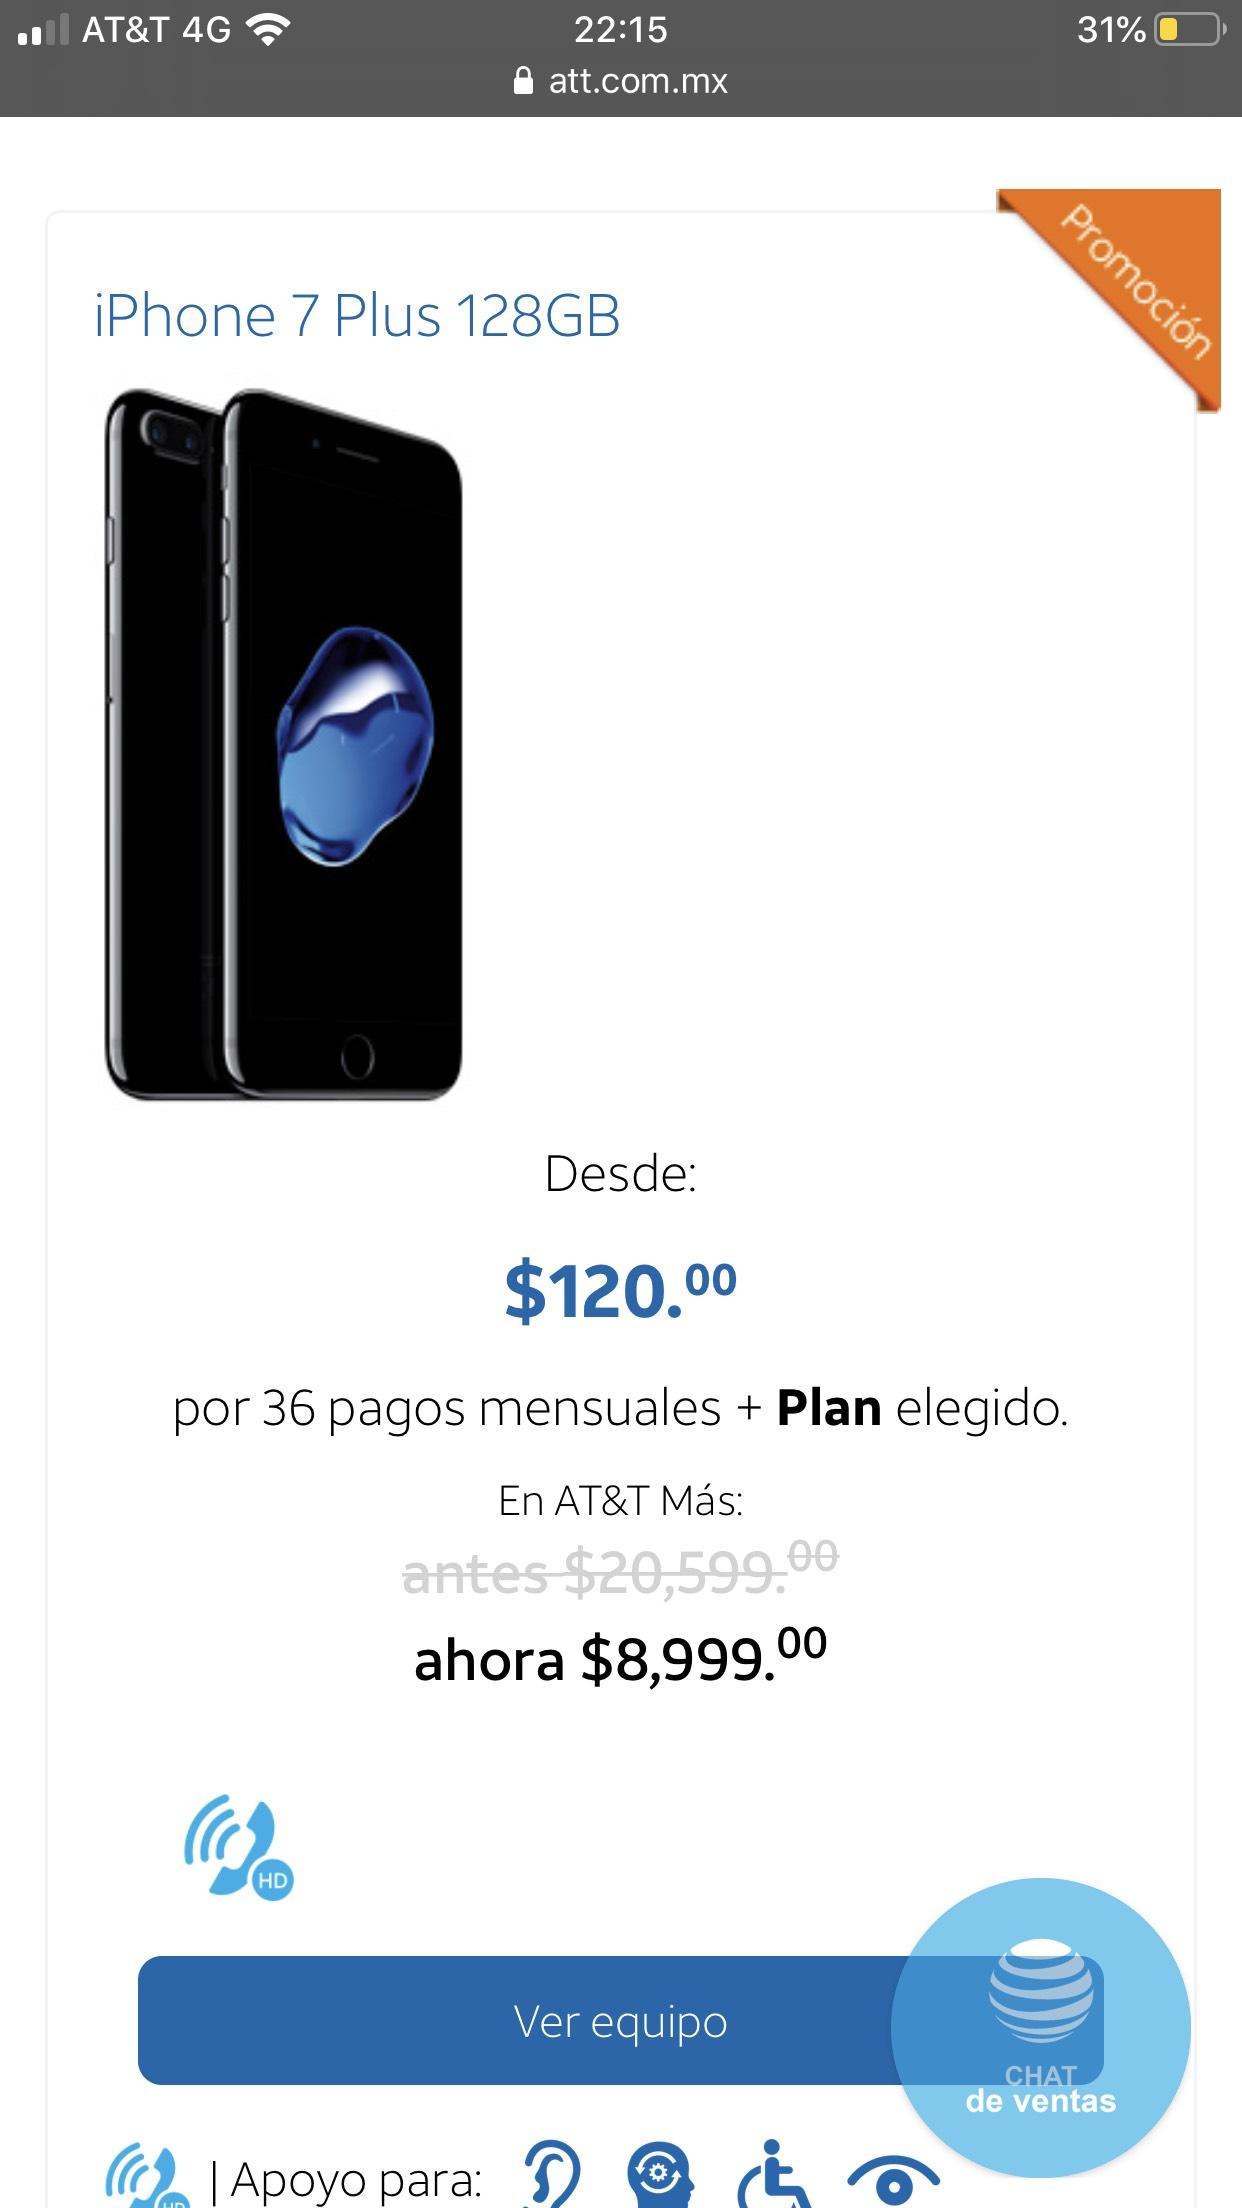 AT&T: iPhone 7 Plus 128 gb